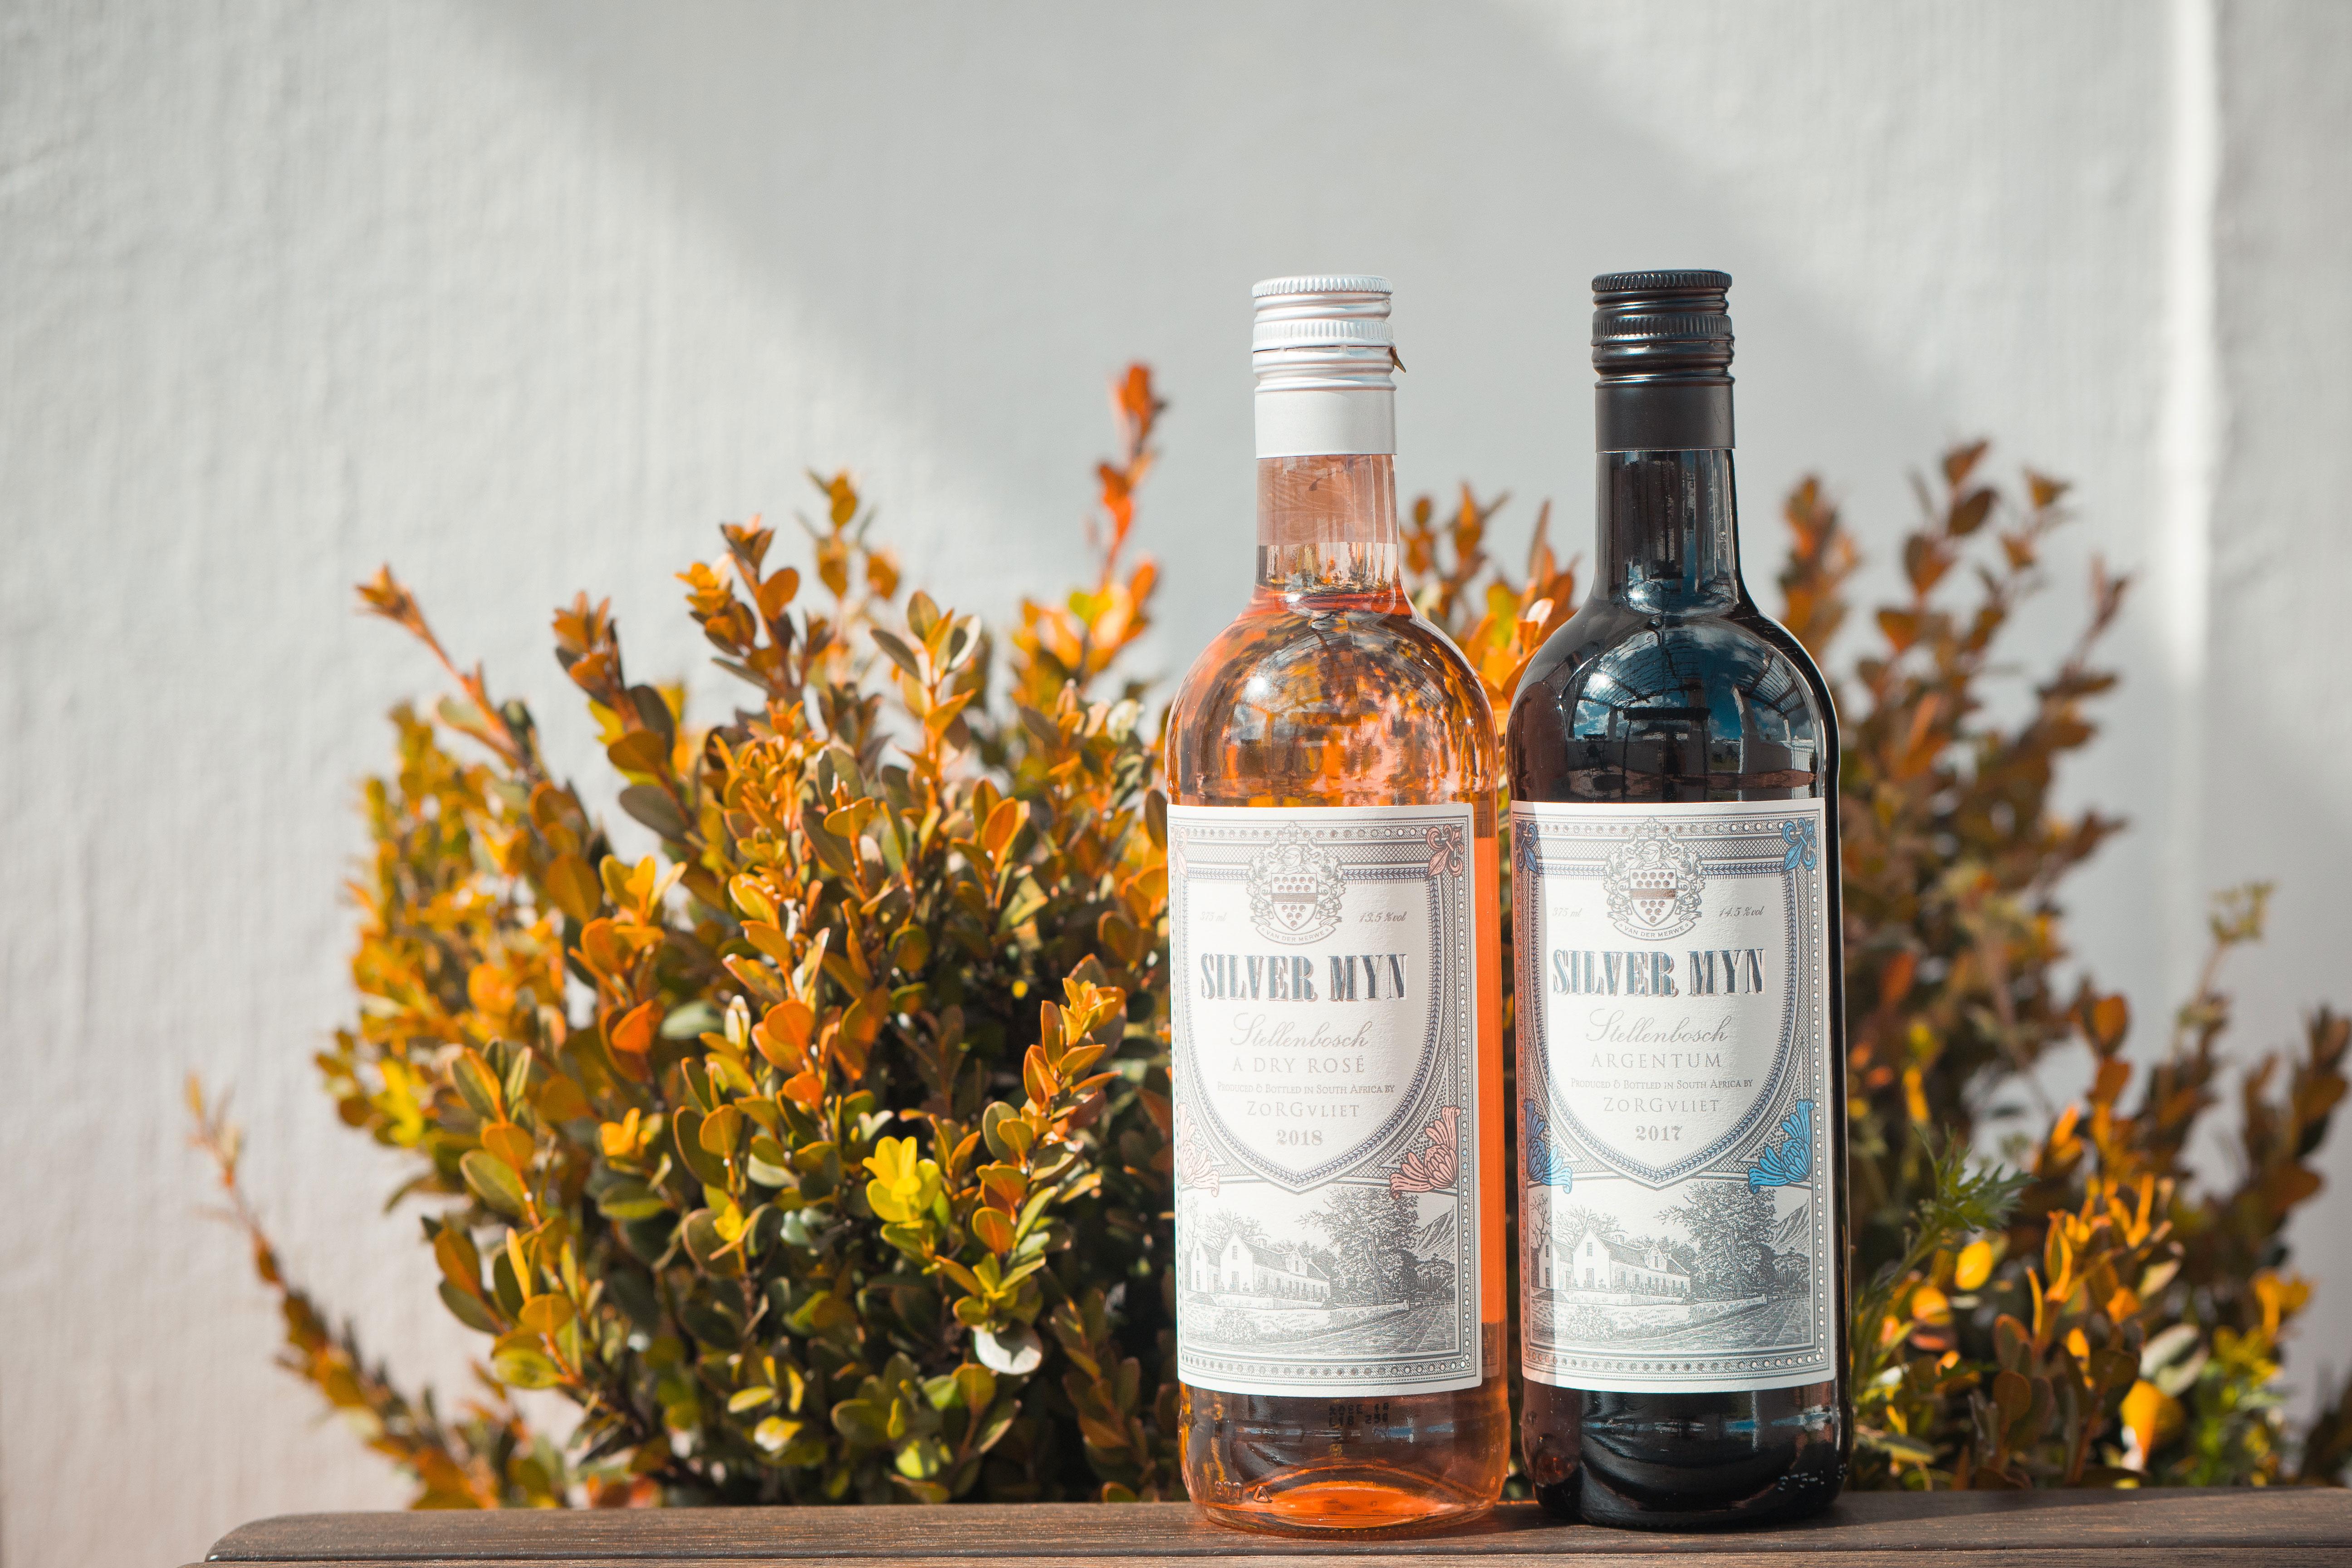 品乐集的存在 只为让你寻味南非葡萄酒的美好